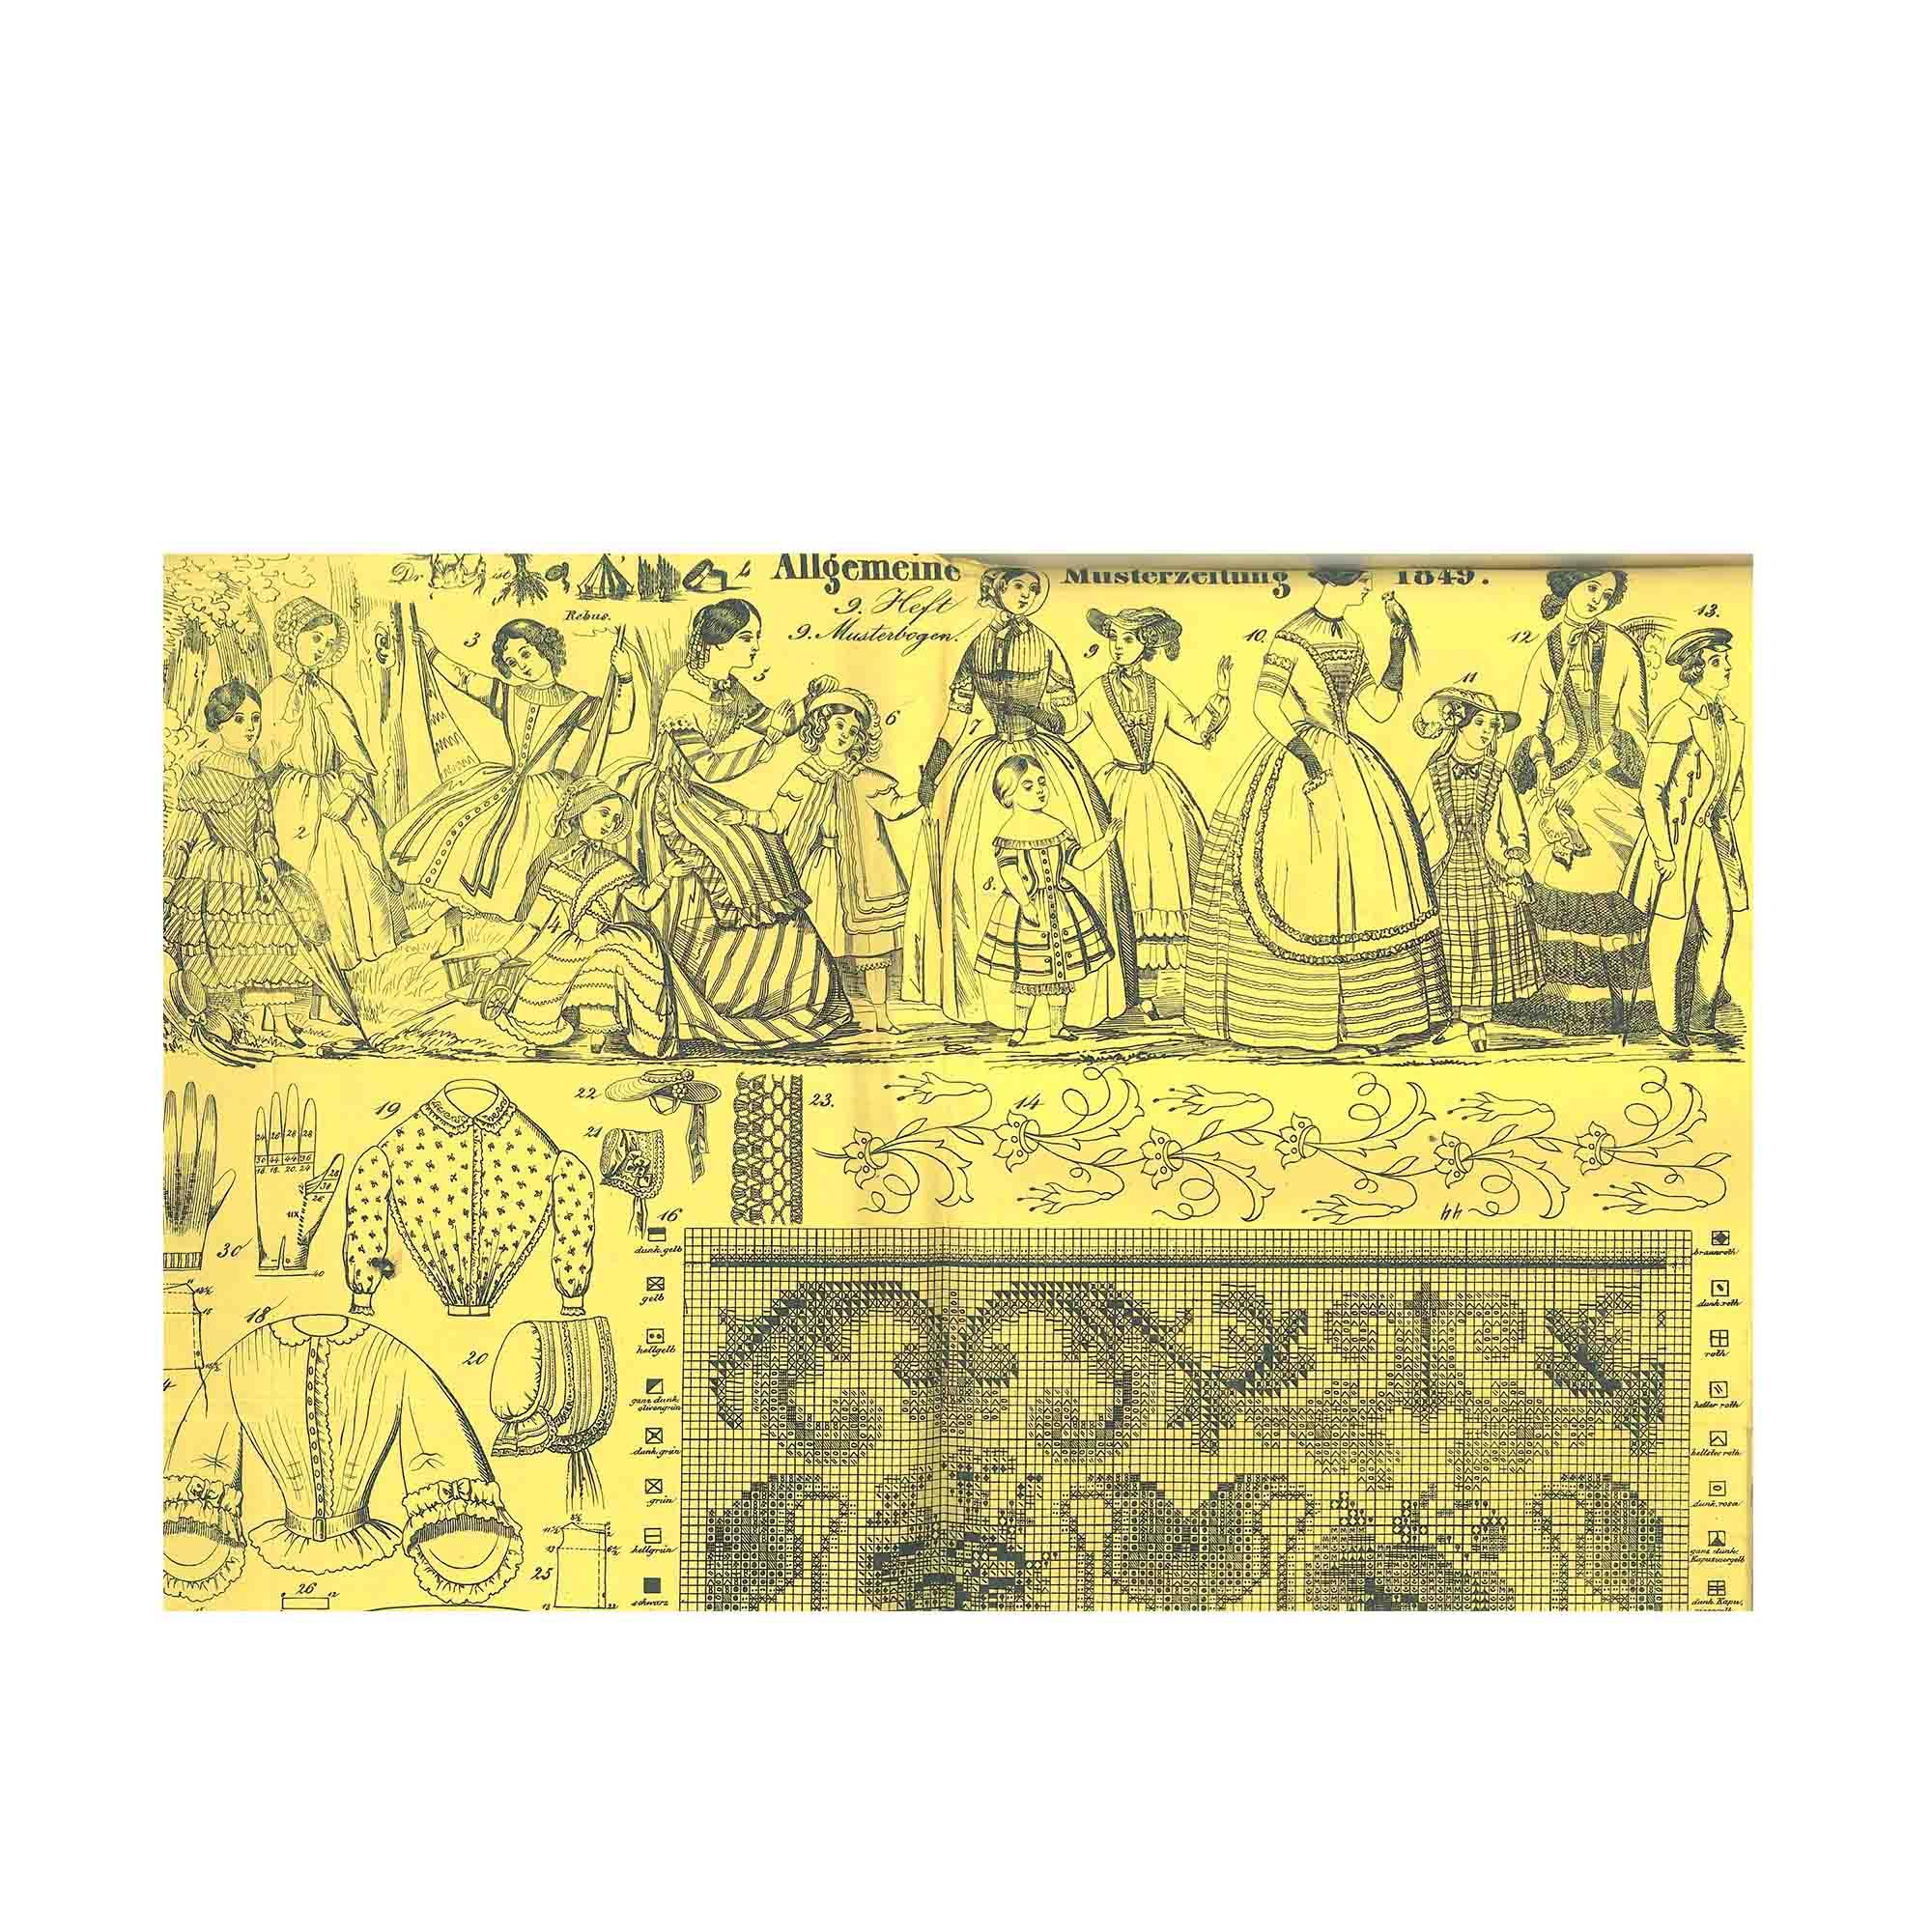 5234-Muster-Zeitung-1849-3-N.jpg